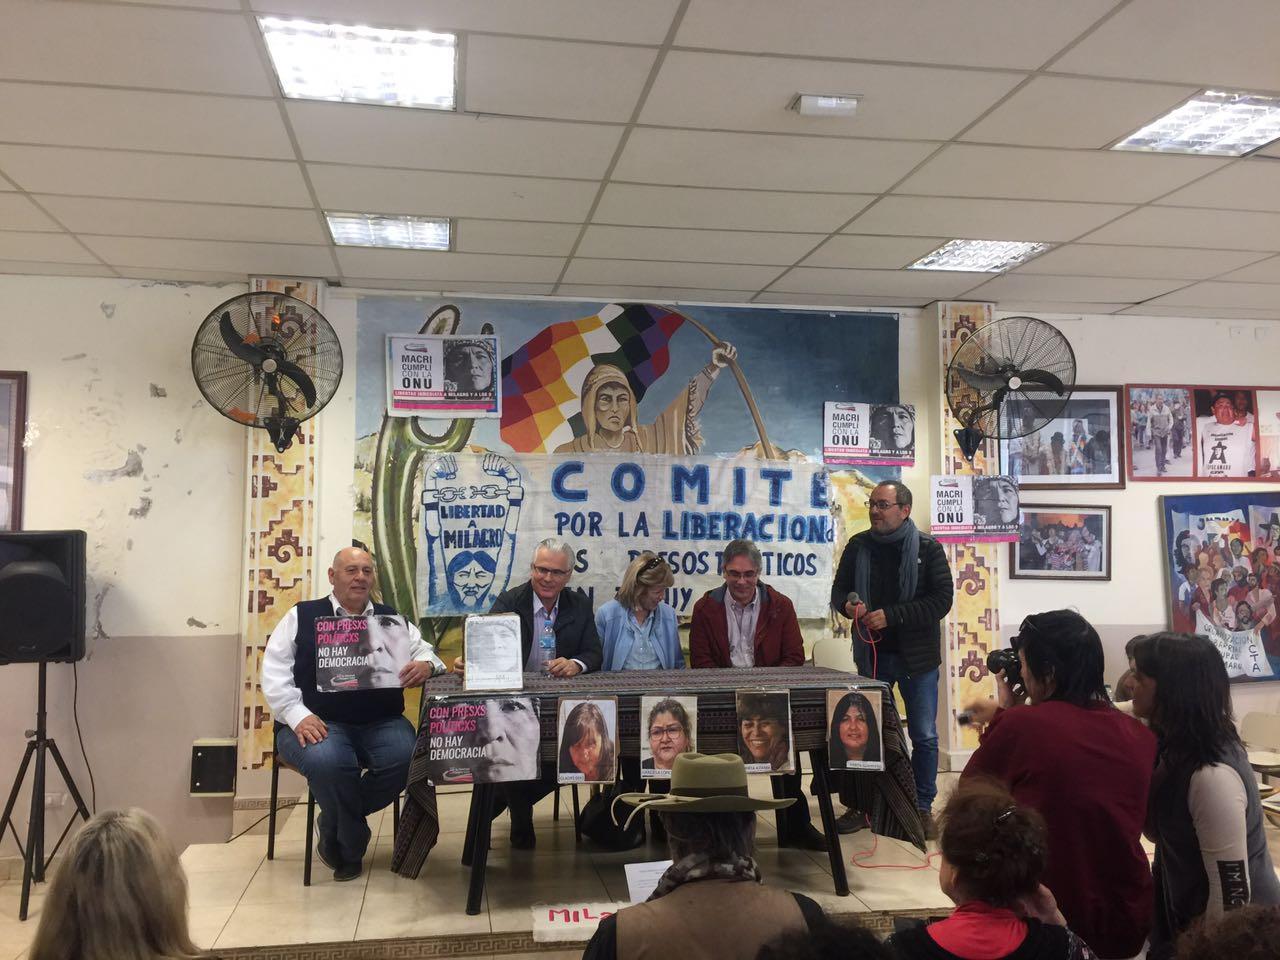 Castelucci junto a Baltasar Garzon en conferencia en la Tupac